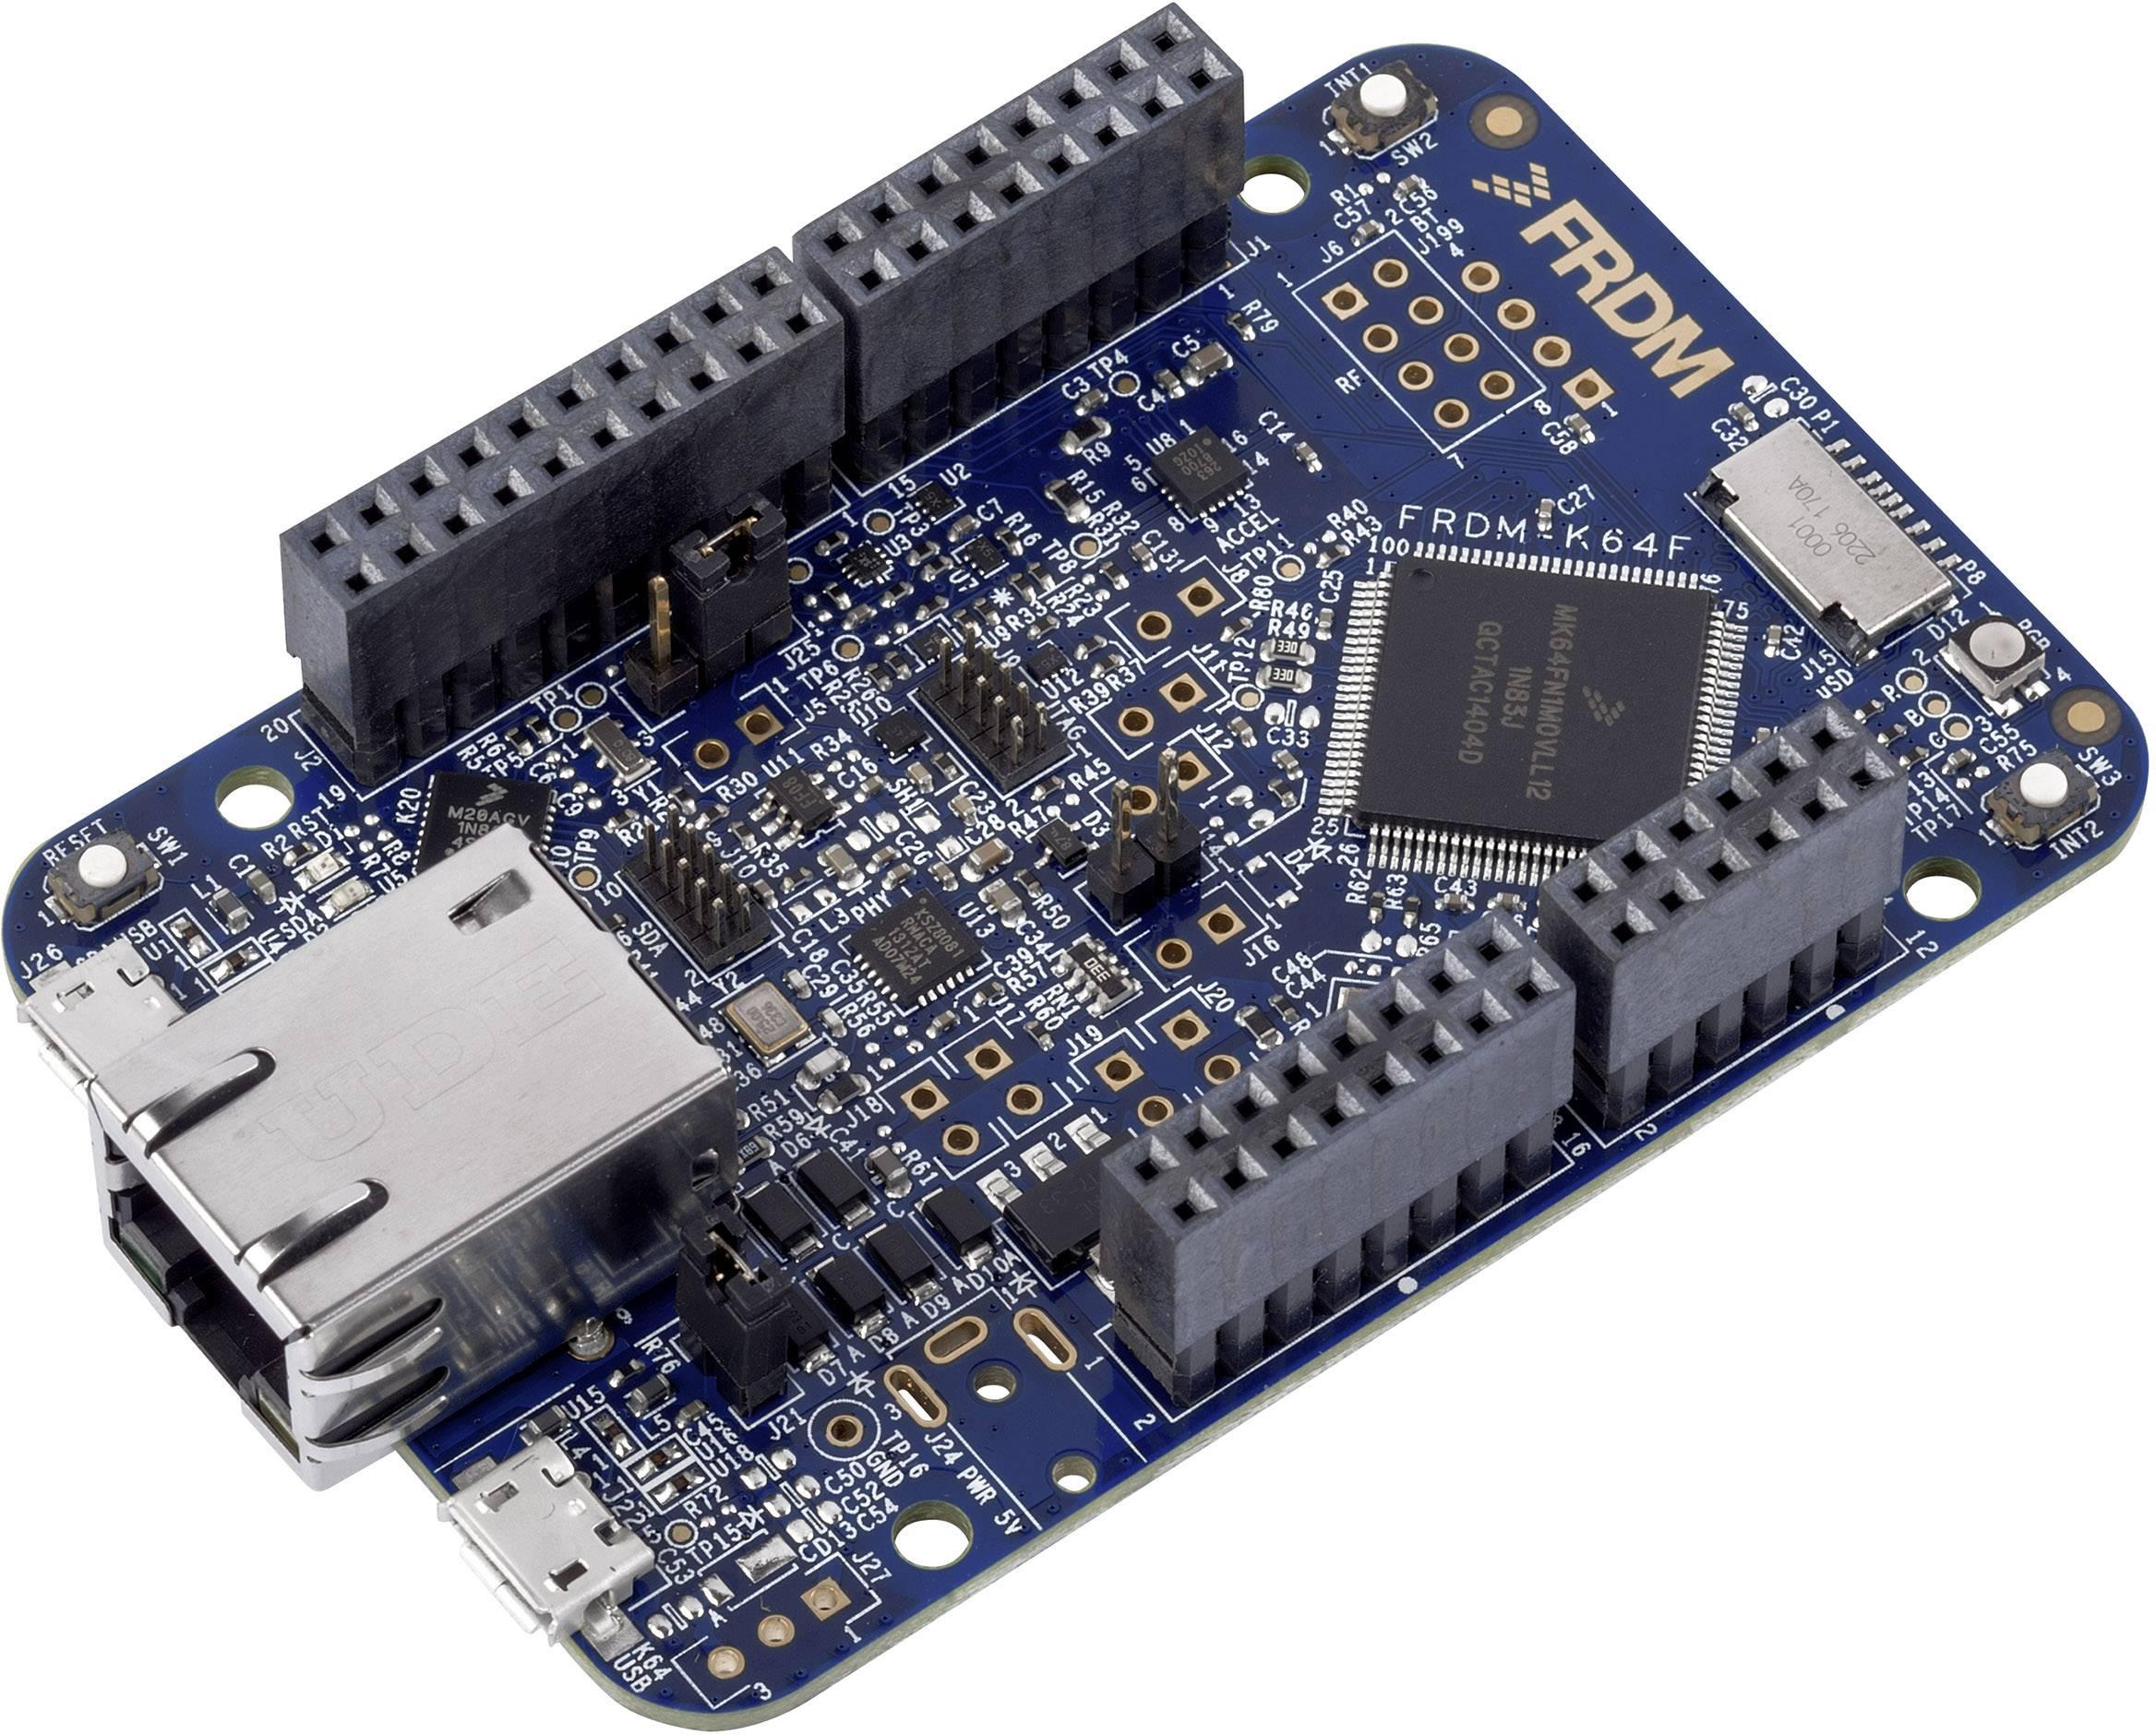 Vývojová deska Freescale Semiconductor FRDM-K64F